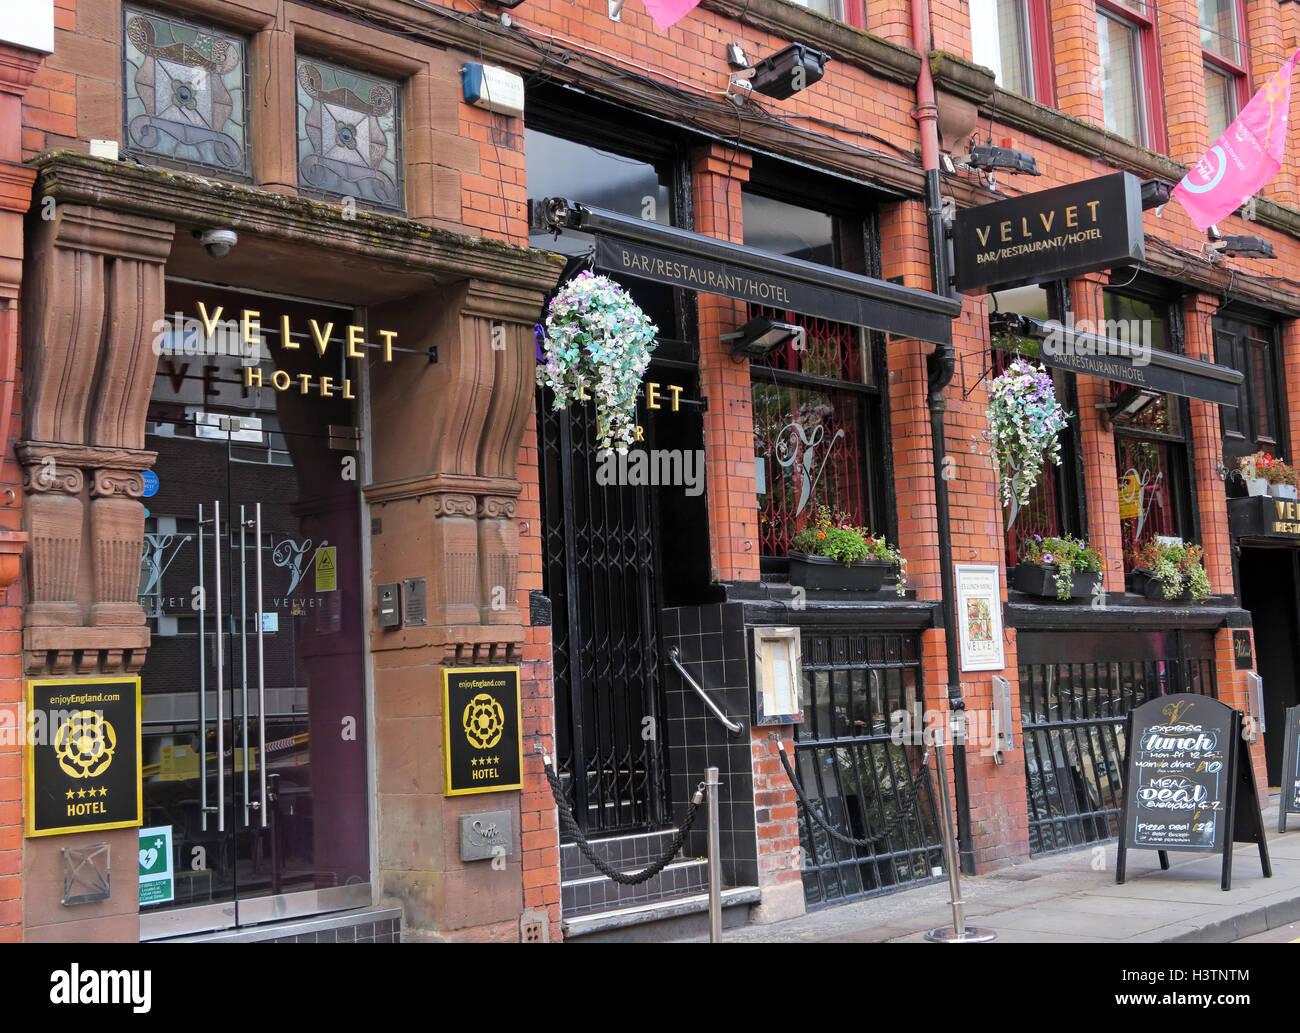 Laden Sie dieses Alamy Stockfoto Velvet Hotel, Canal St Gay Village, Manchester, England - H3TNTM